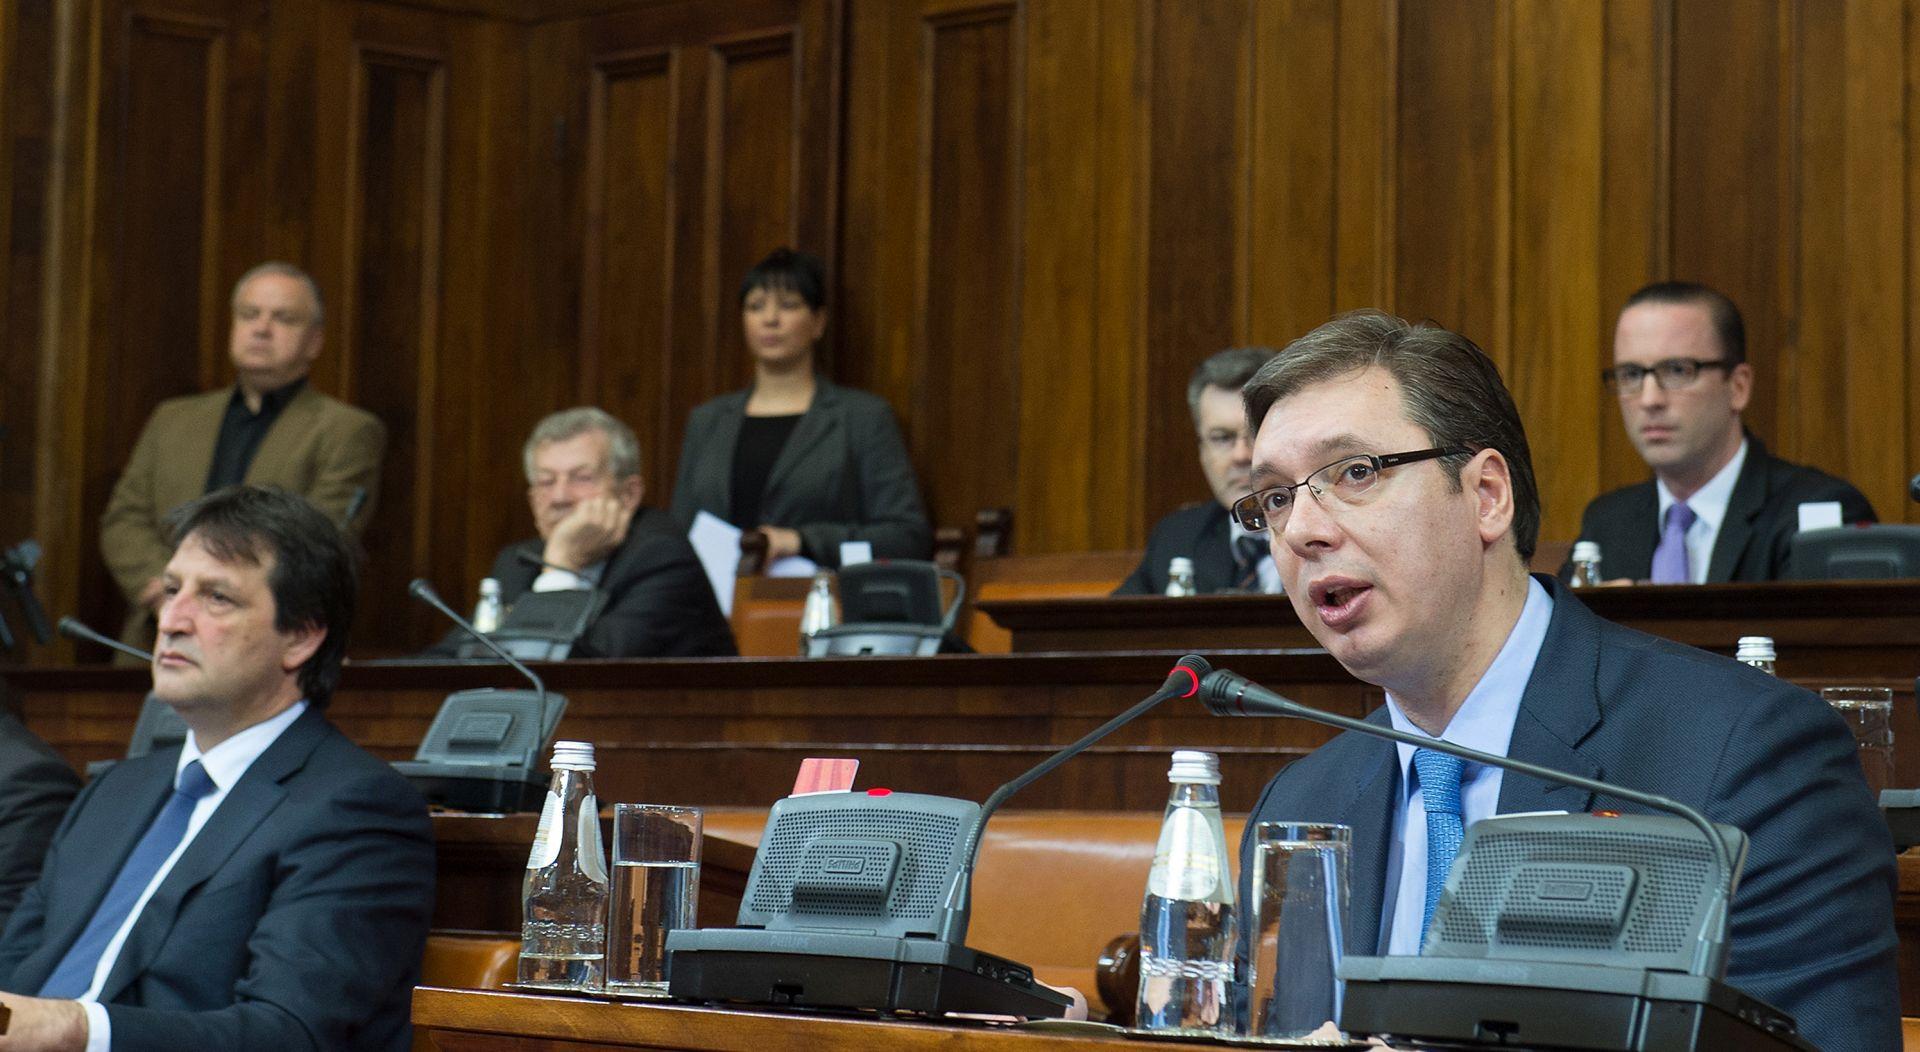 ZBOG SEKSISTIČKE PRIMJEDBE: Skupština Srbije razriješila ministra obrane